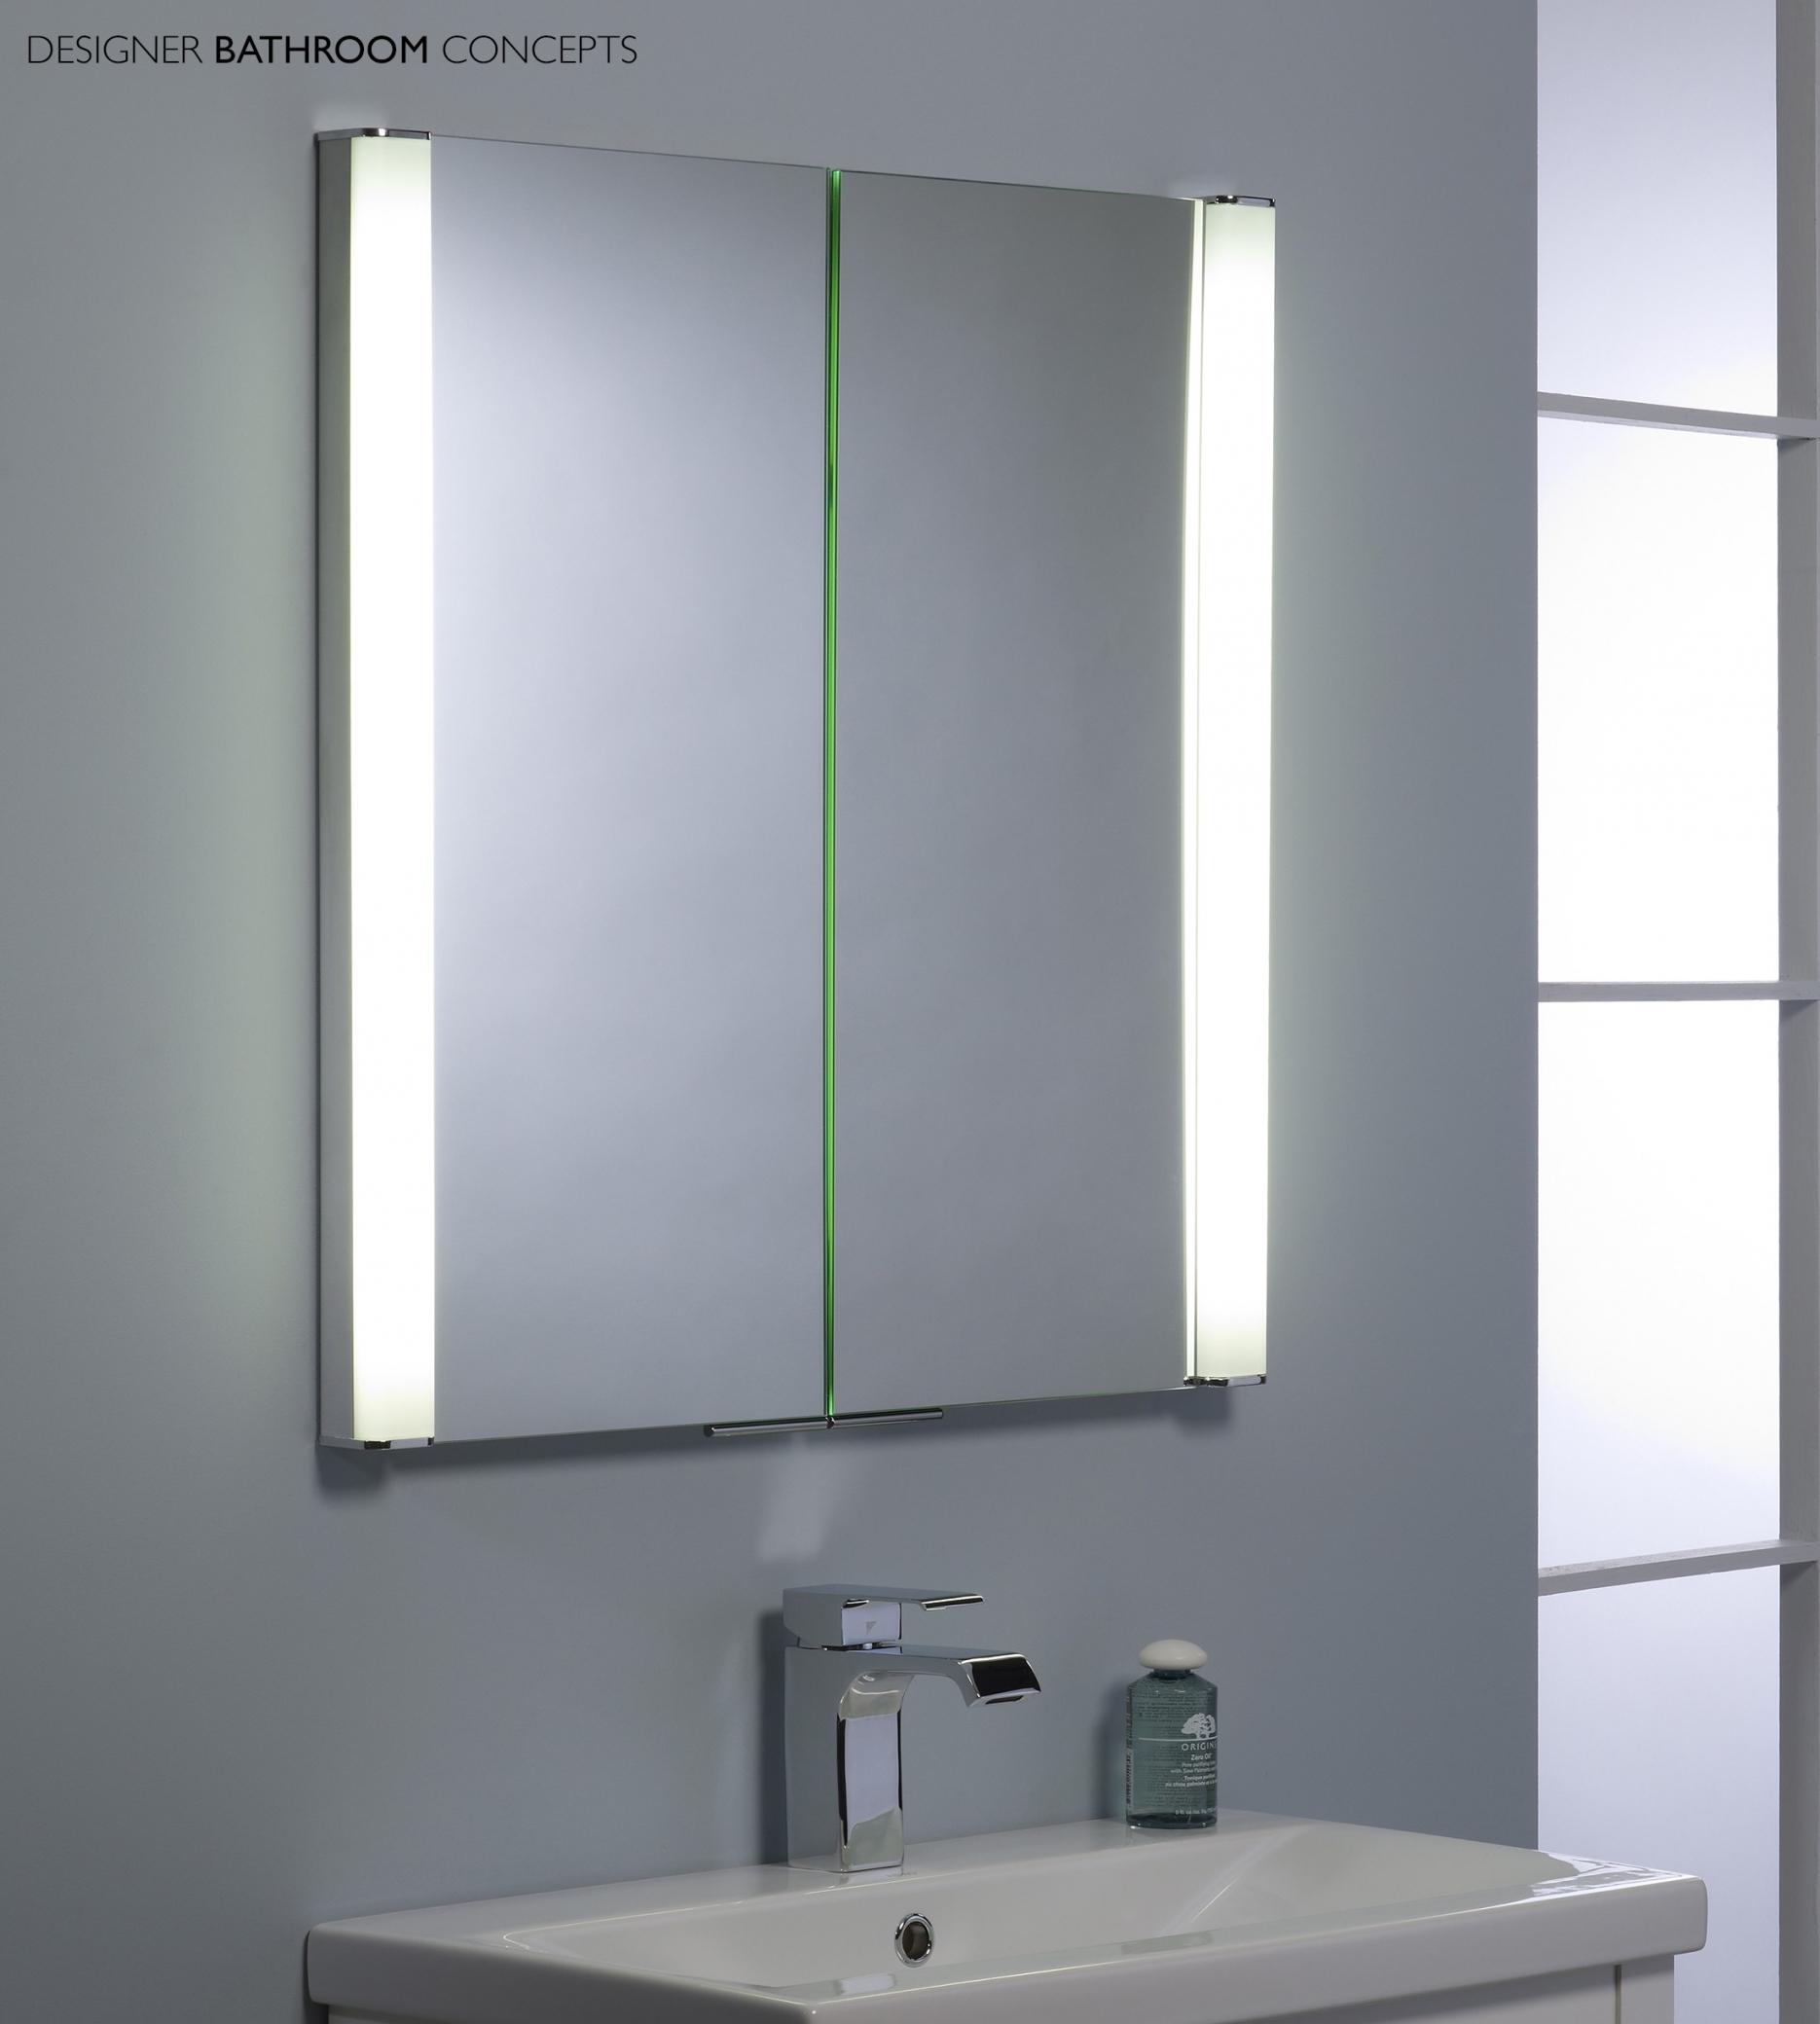 Bathroom Mirror Cabinets Creative Bathroom Decoration In Bathroom Mirror Cupboards (Image 4 of 25)